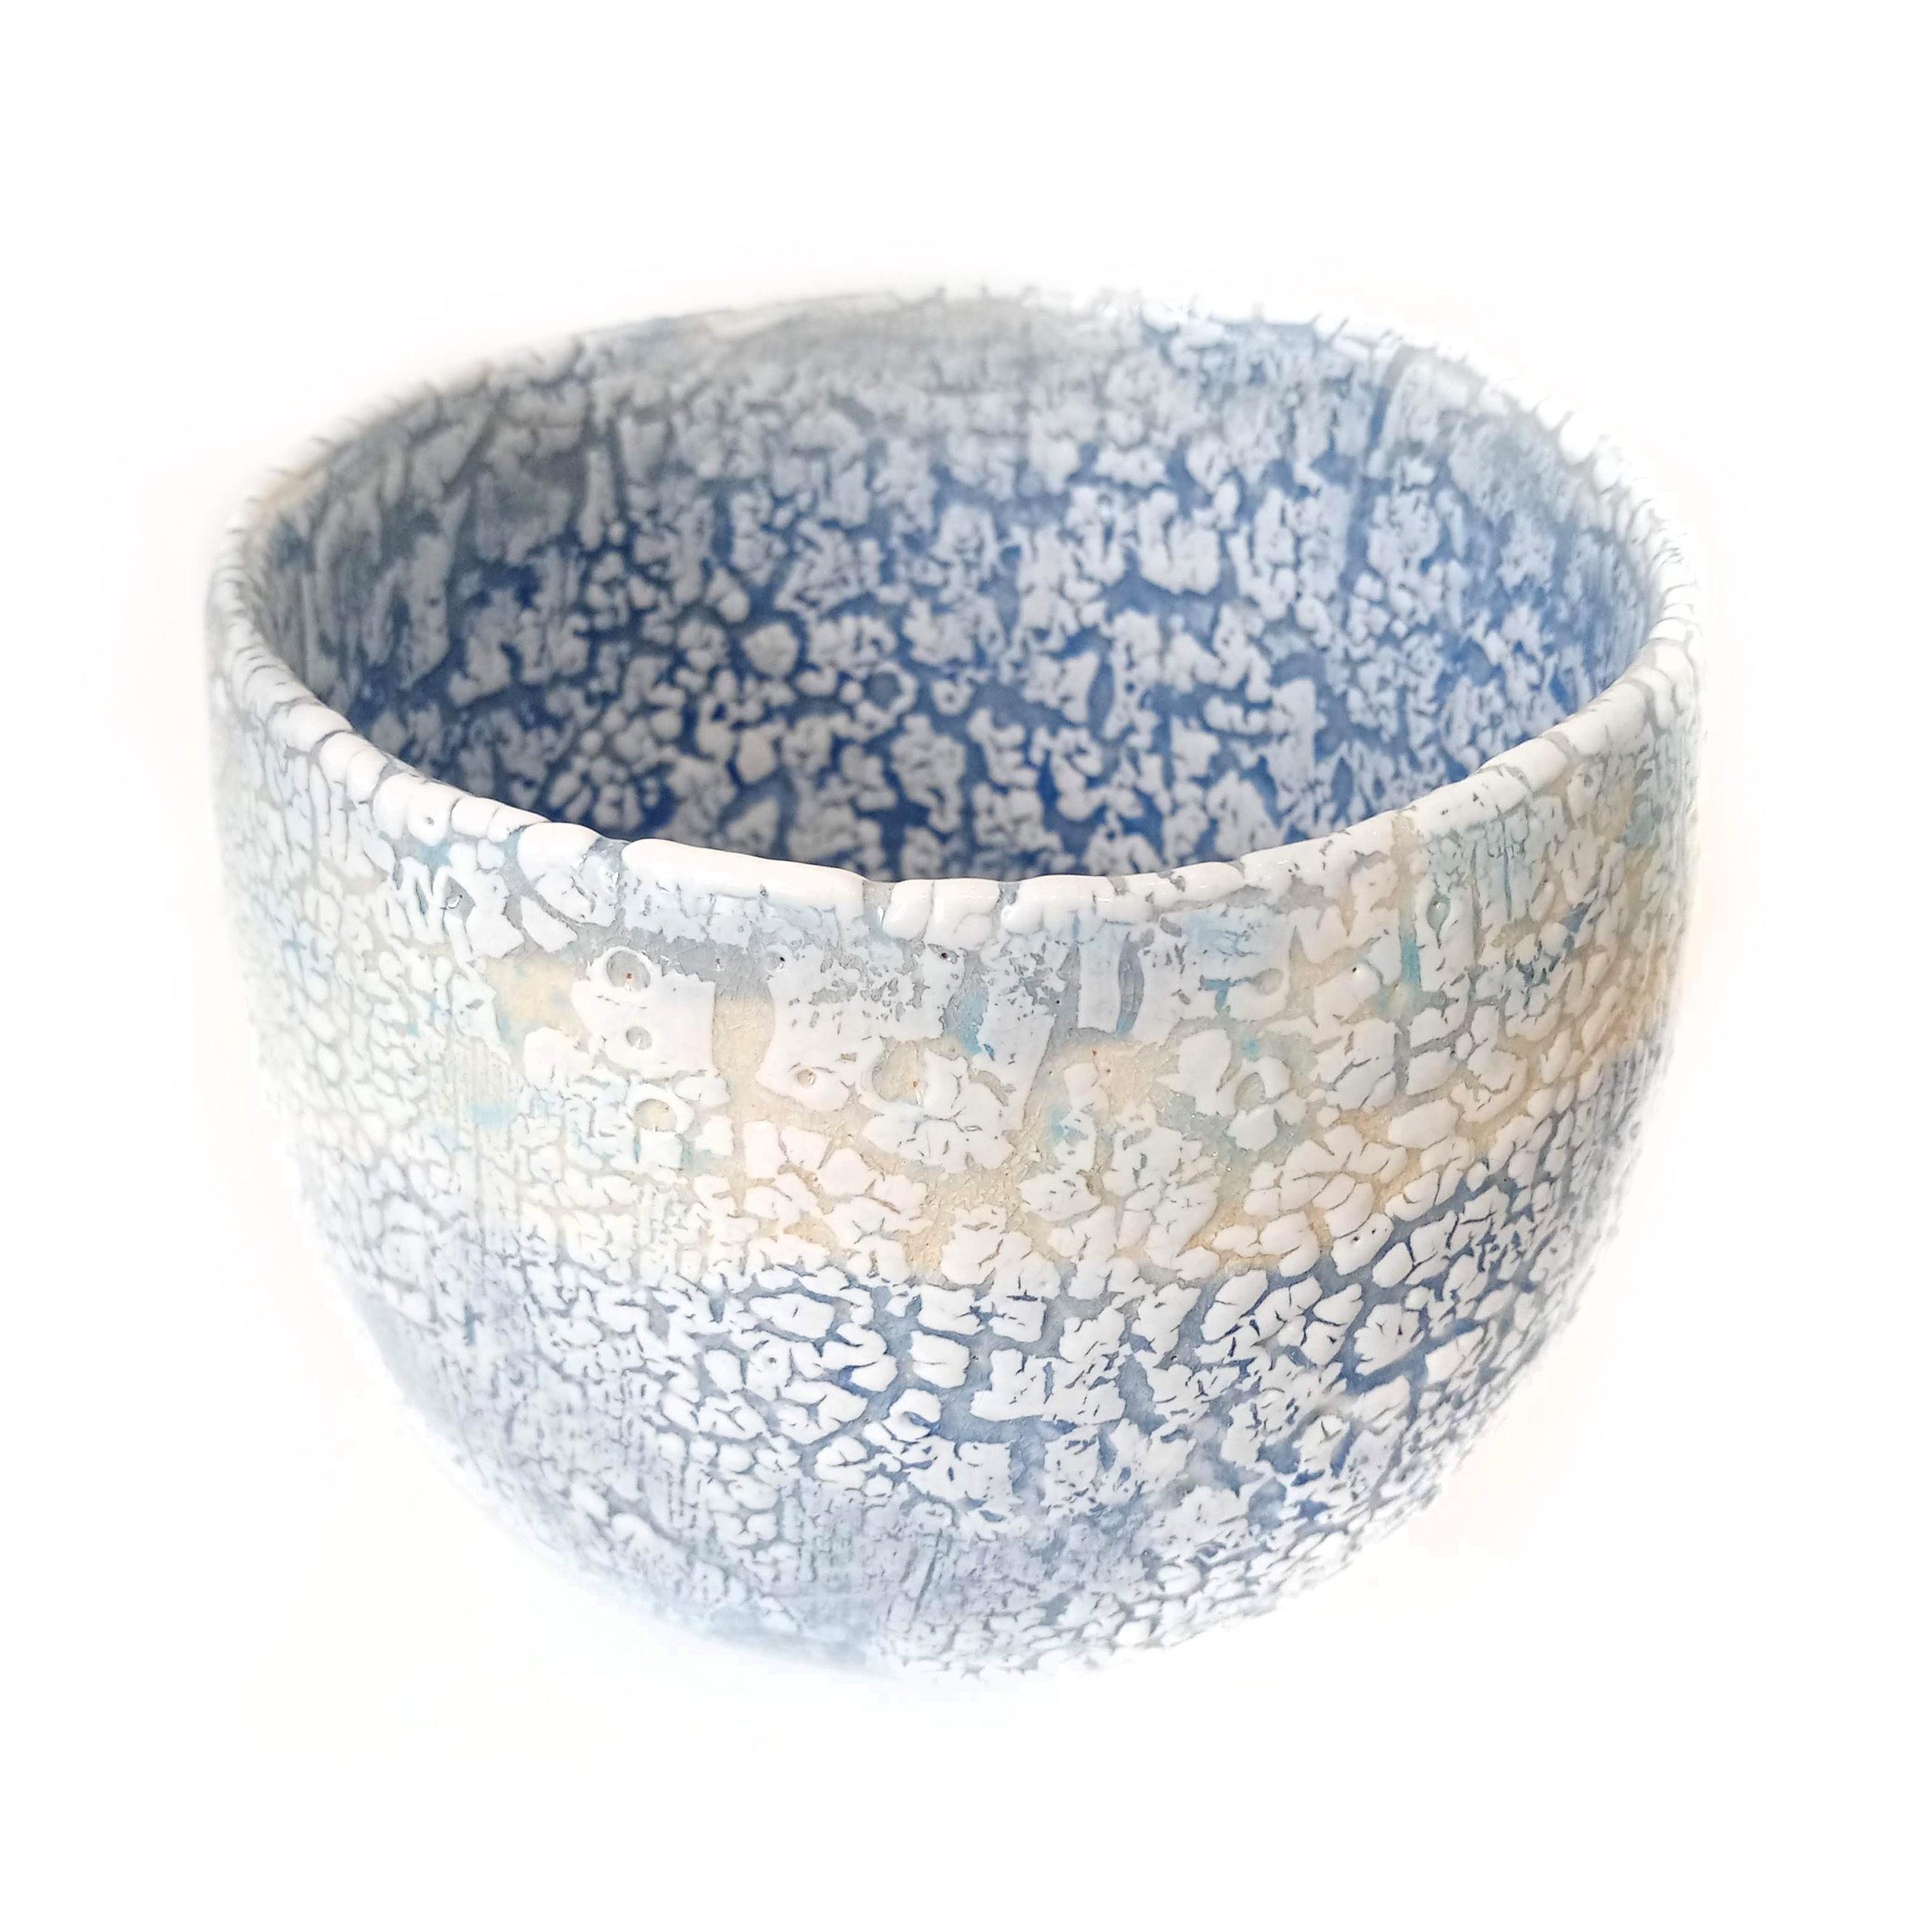 Large land to sea bowl, ceramics by Susan Luker